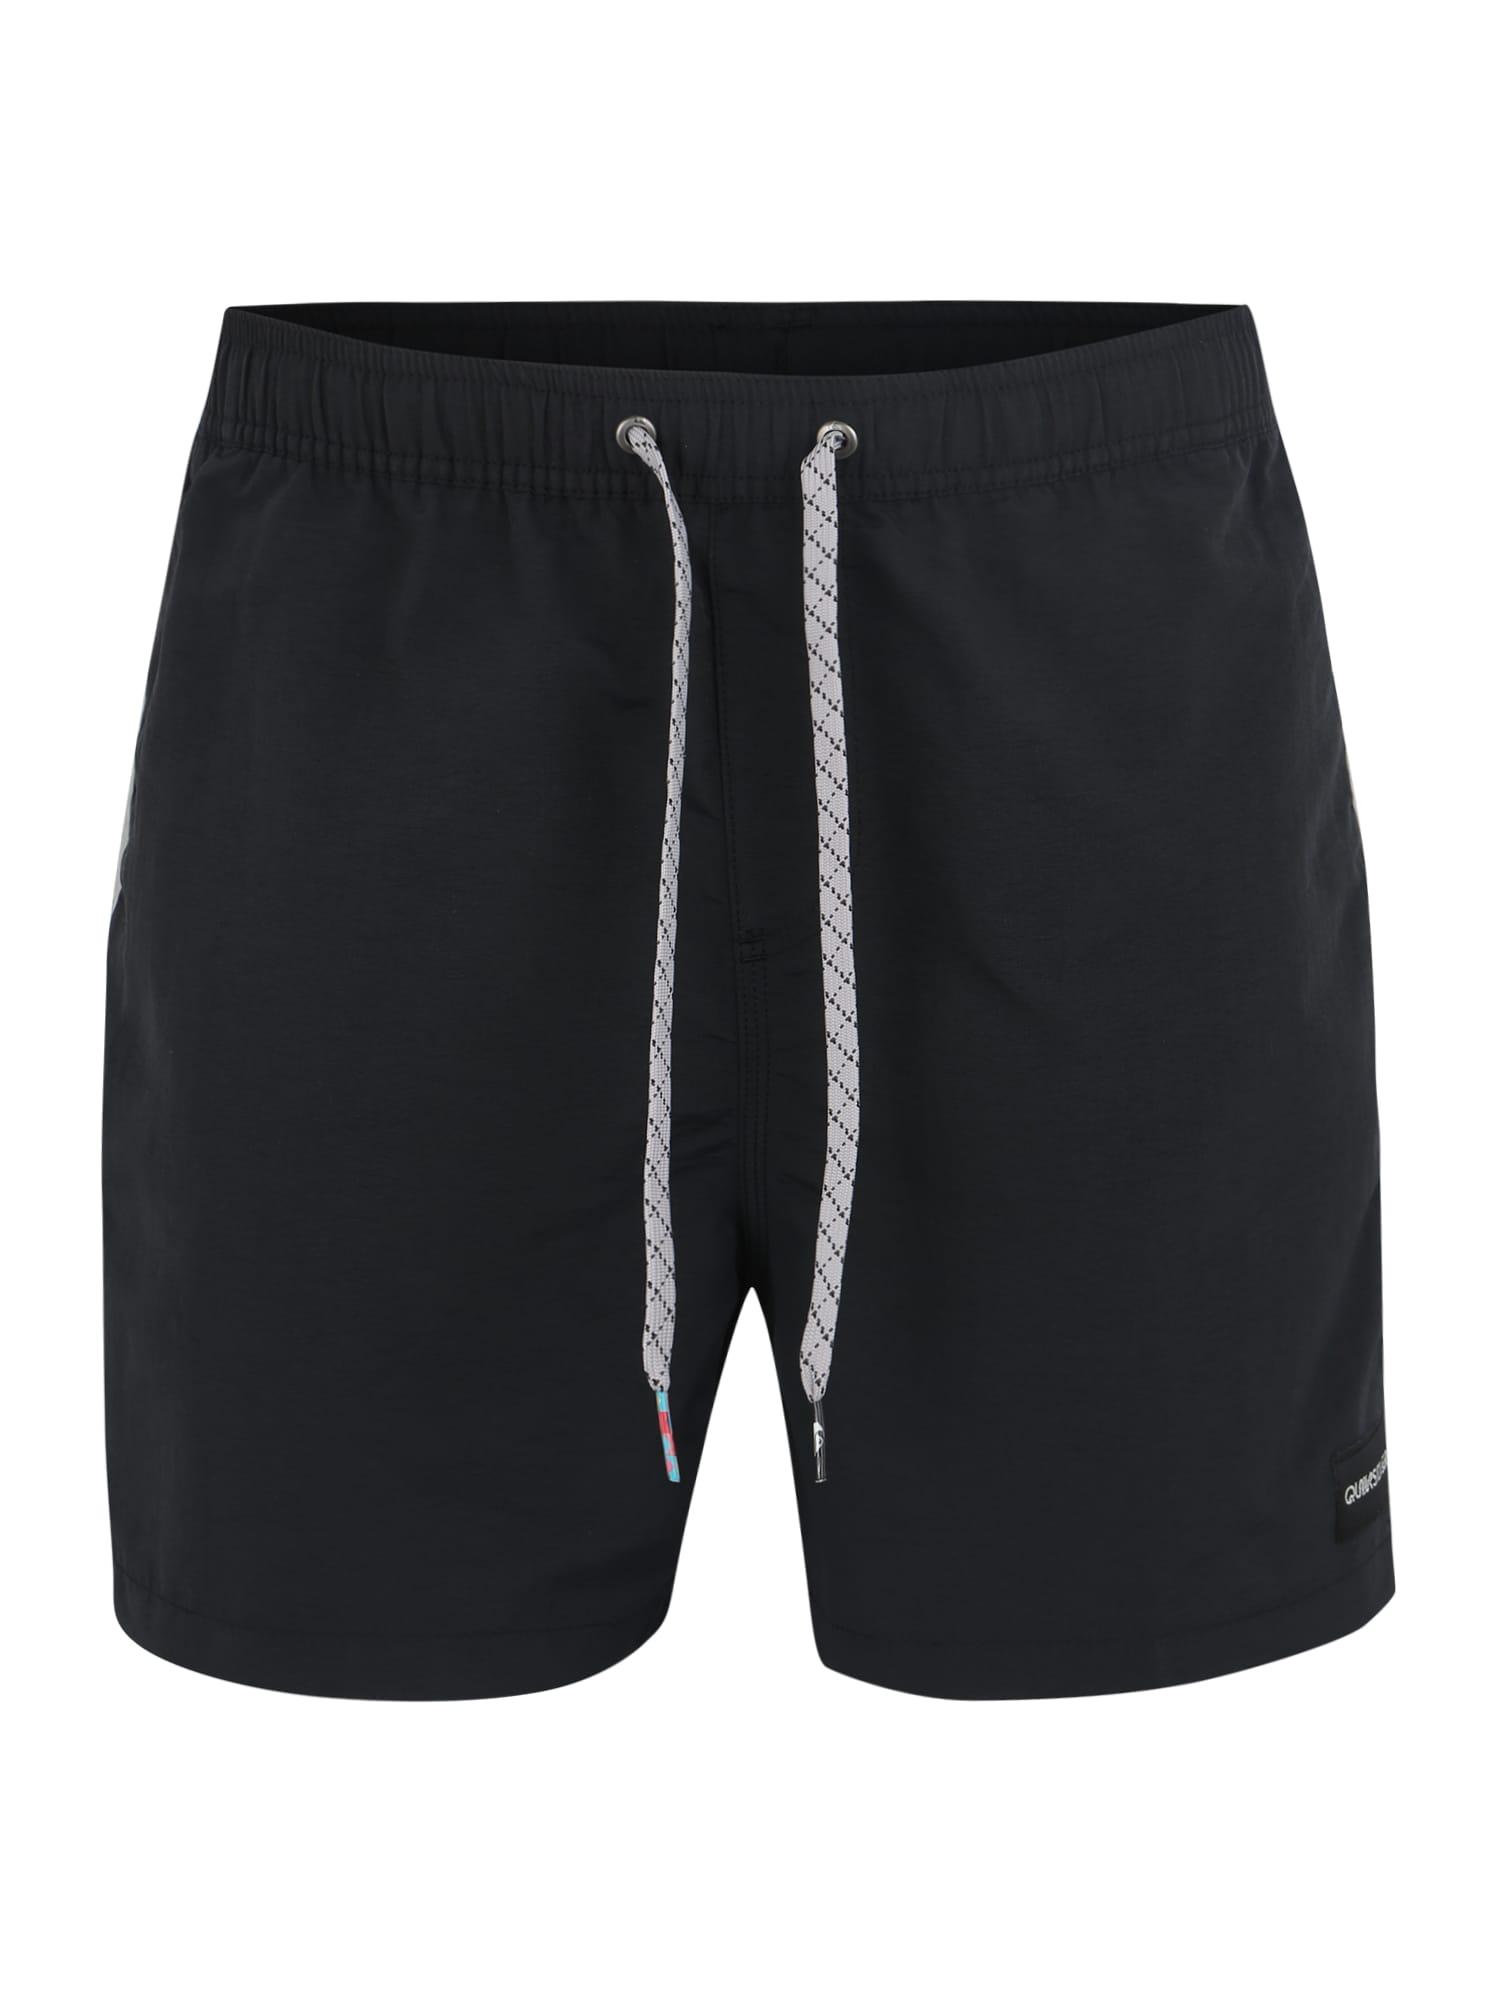 Plavecké šortky VIBES VOLLEY 16 černá QUIKSILVER